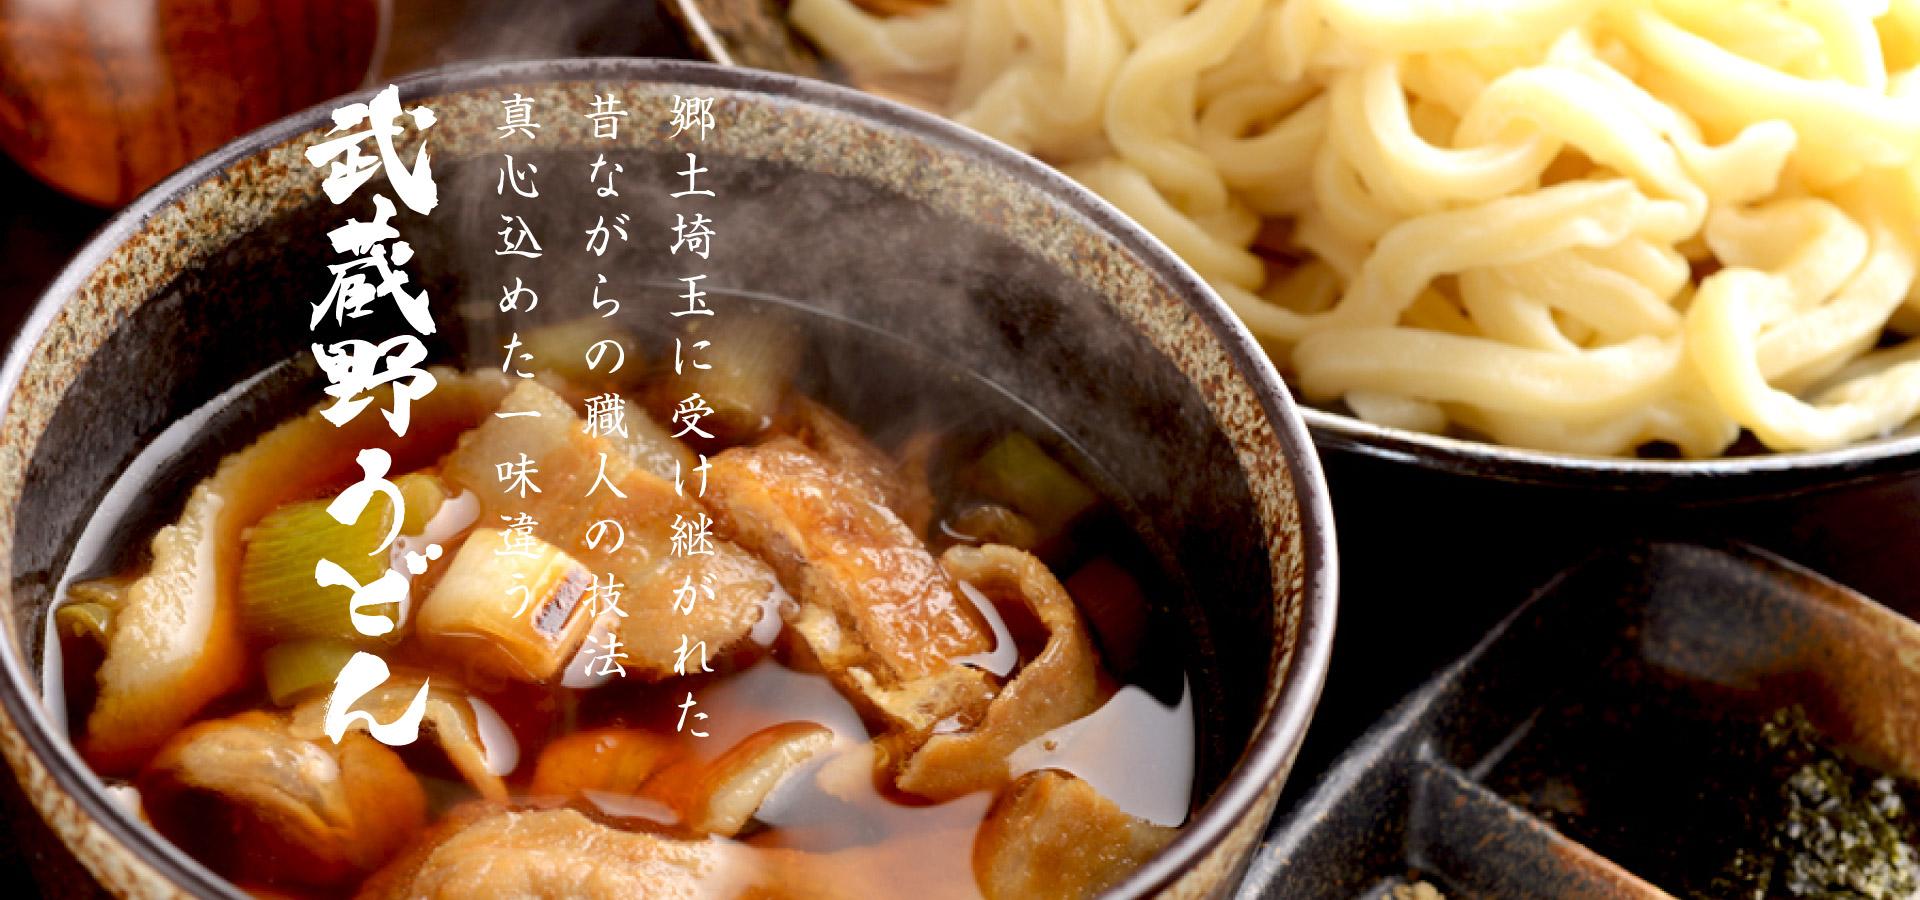 武蔵野うどん「じんこ」公式ページ